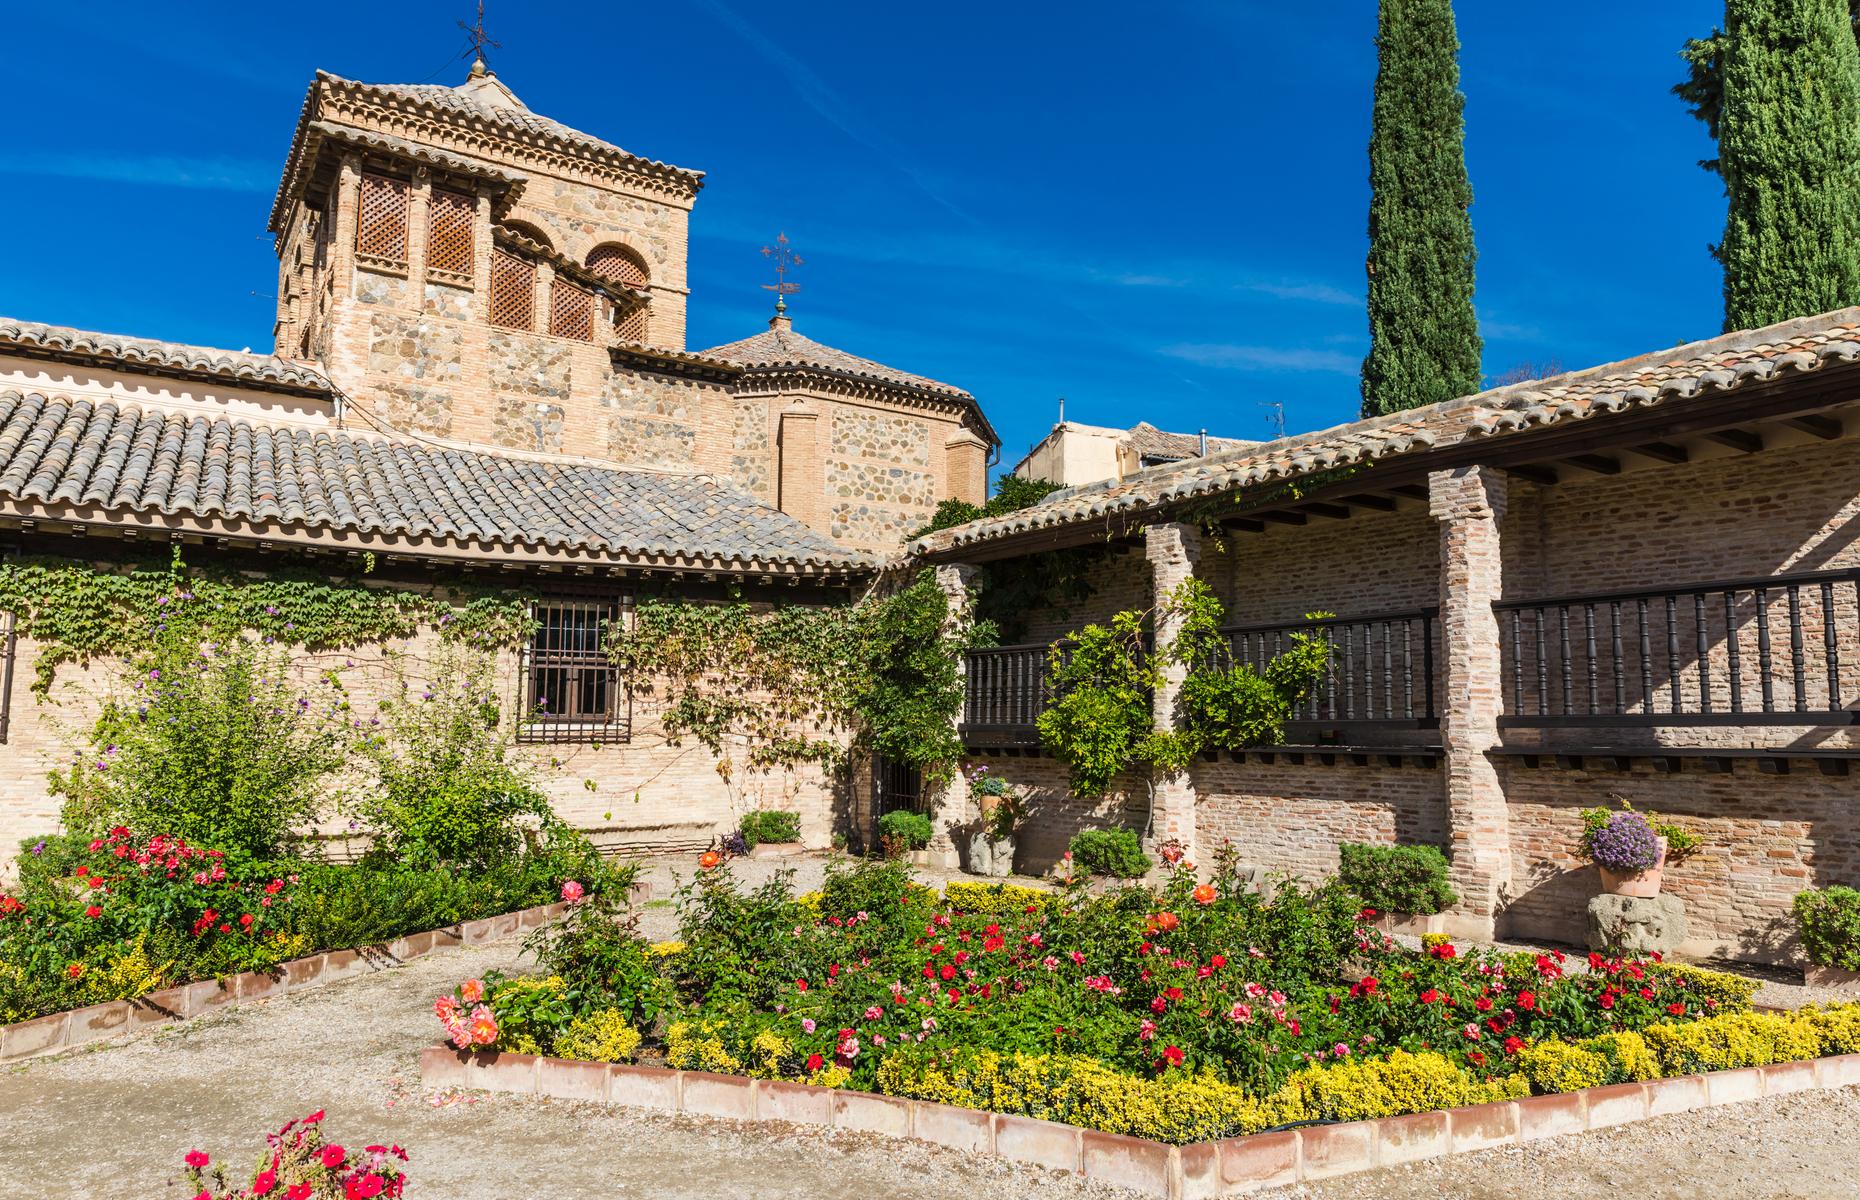 El Greco museum courtyard